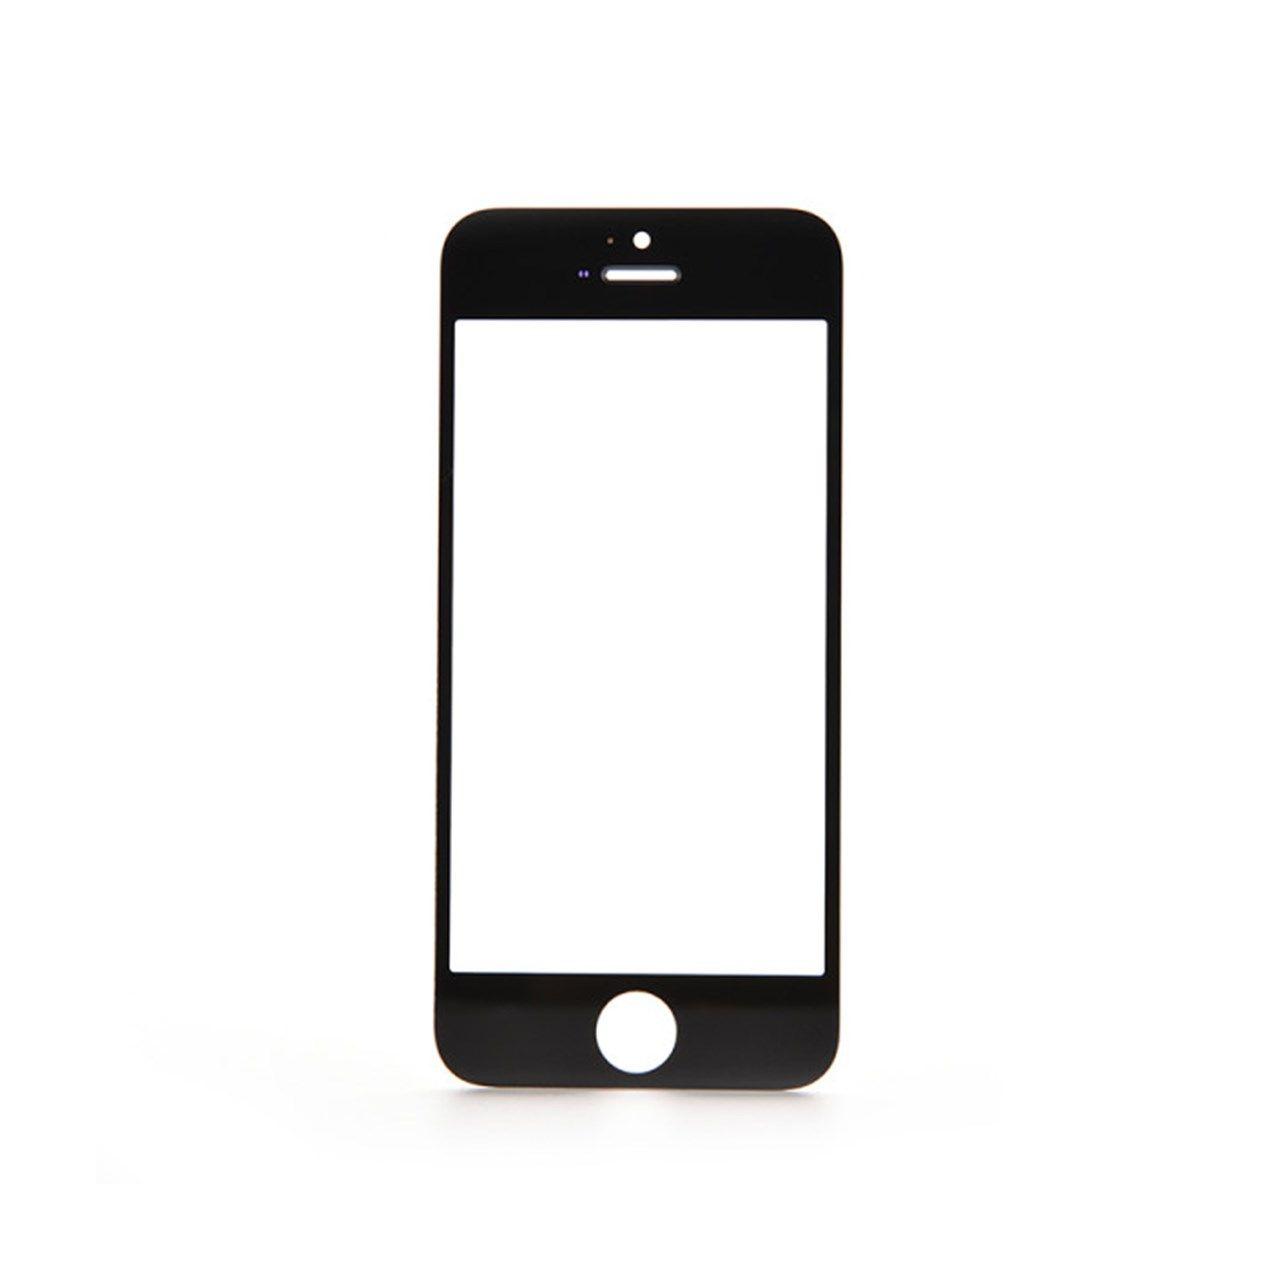 محافظ صفحه نمایش شیشه ای جی سی کام مناسب برای گوشی موبایل اپل آیفون 5 /5s / SE